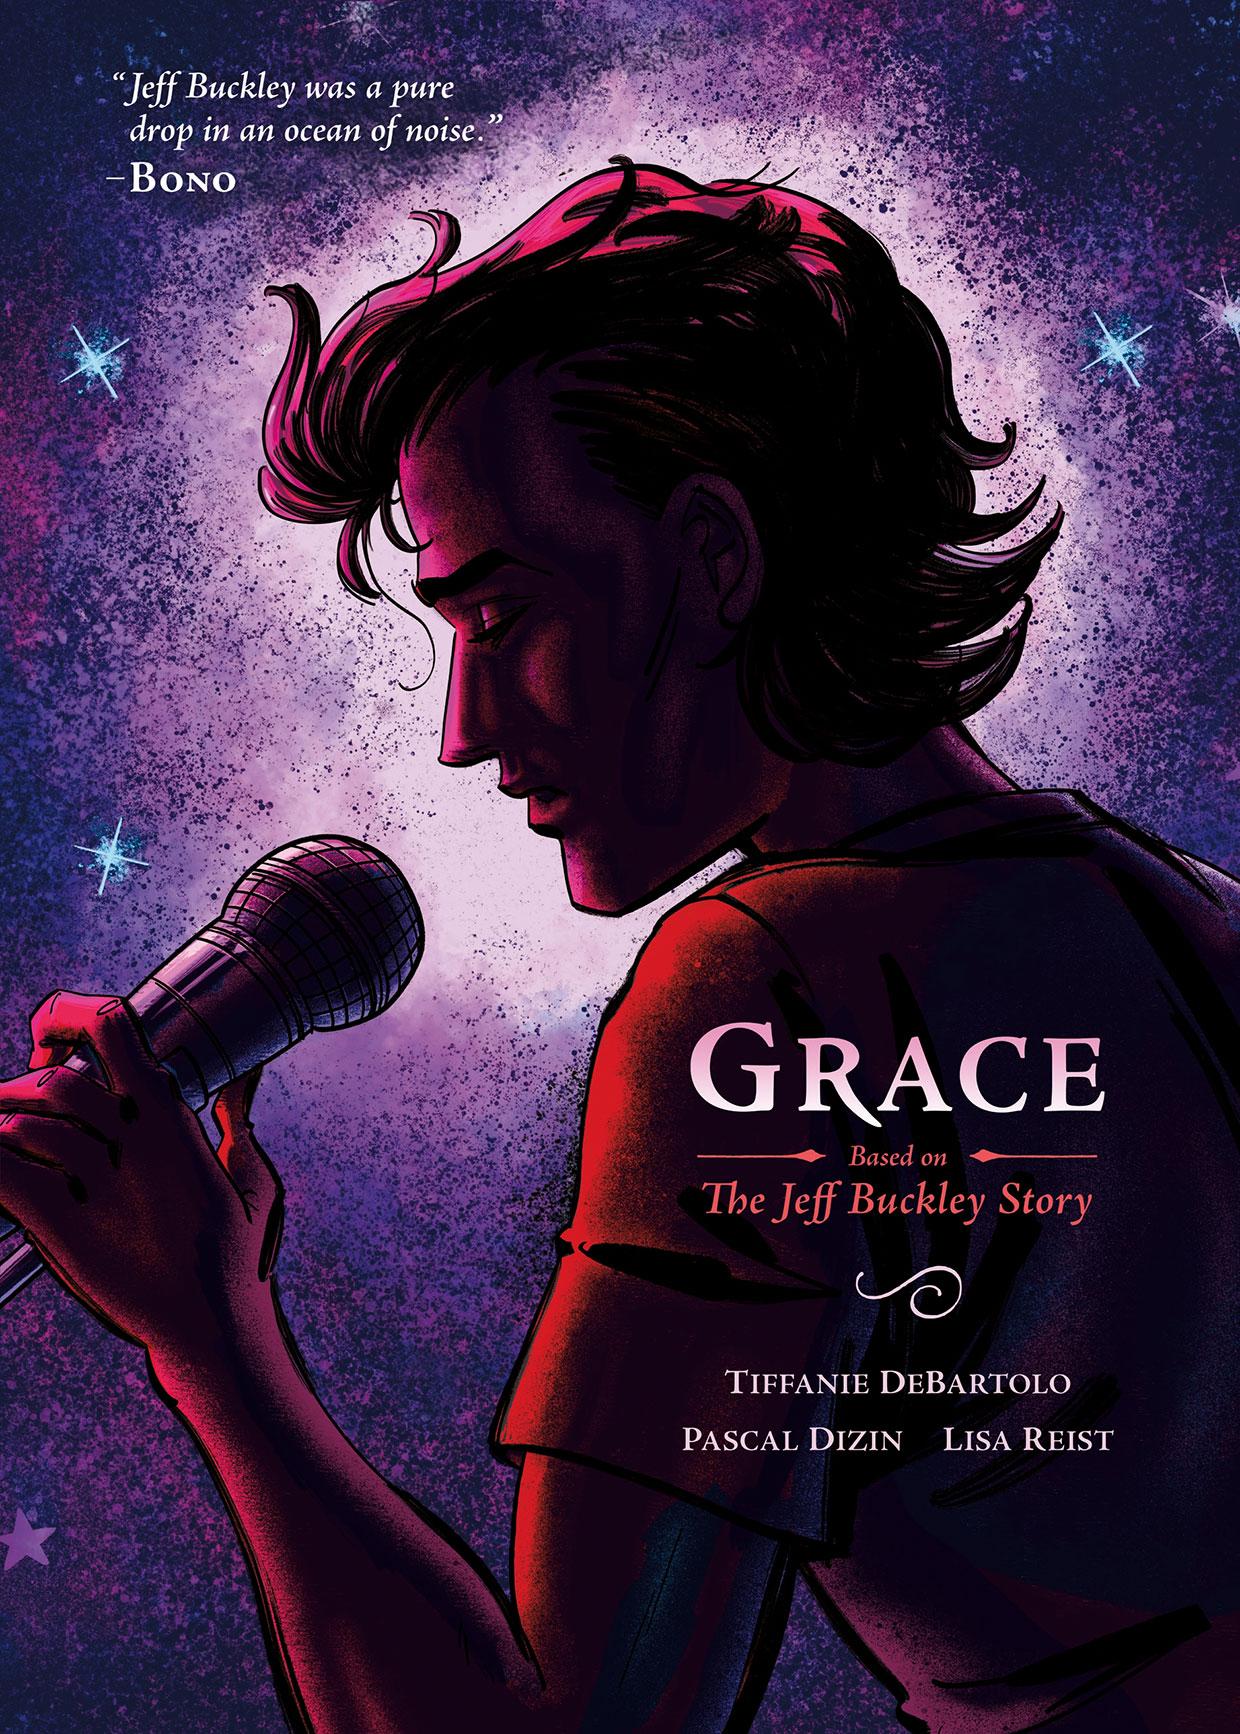 Jeff Buckley - Grace - Página 11 01854